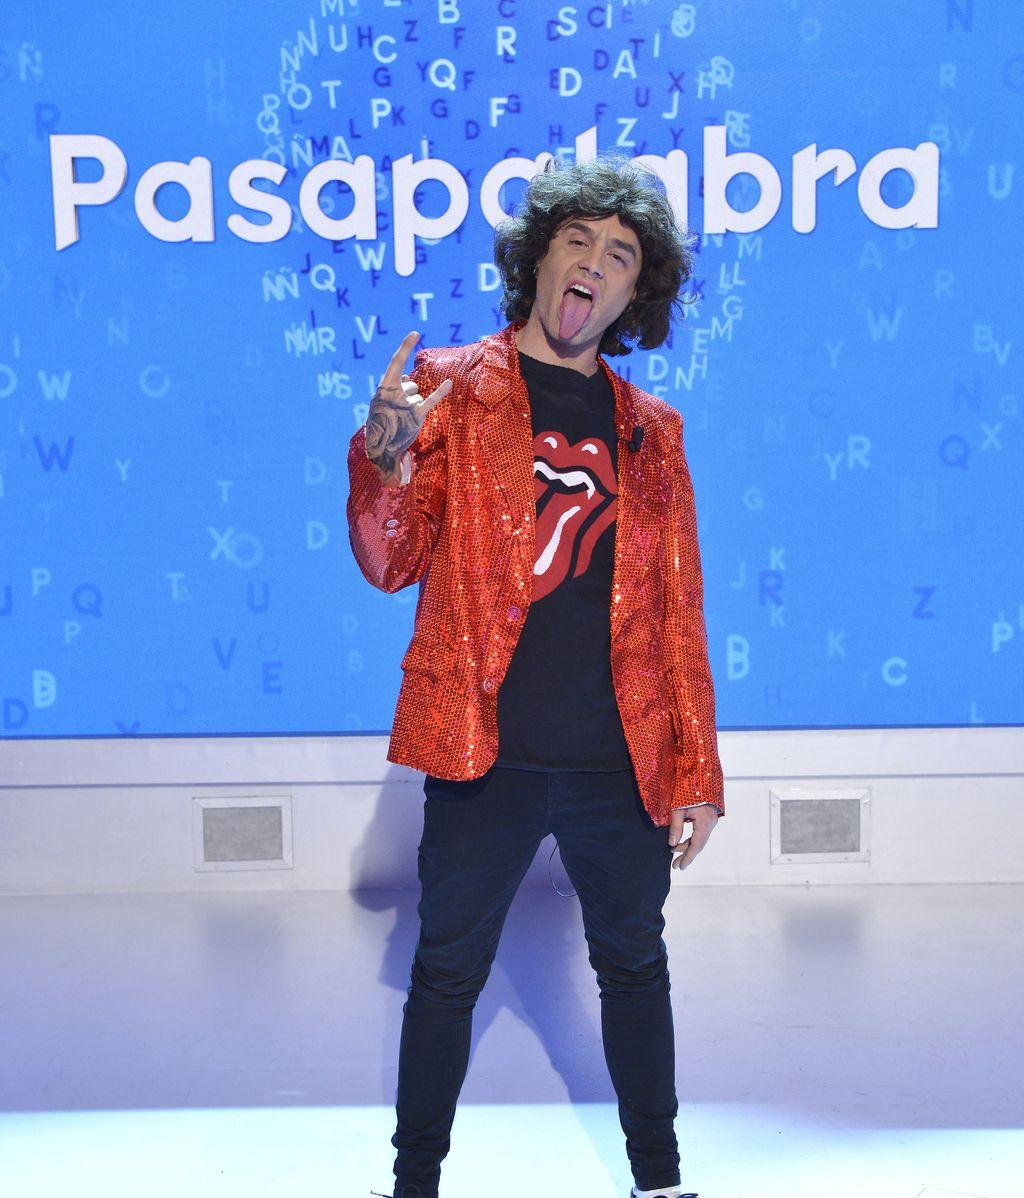 ¡'Pasapalabra' se viste de Carnaval rockero con Lorena, Adrián Rodríguez, Nerea Garmendia y David Fernández!